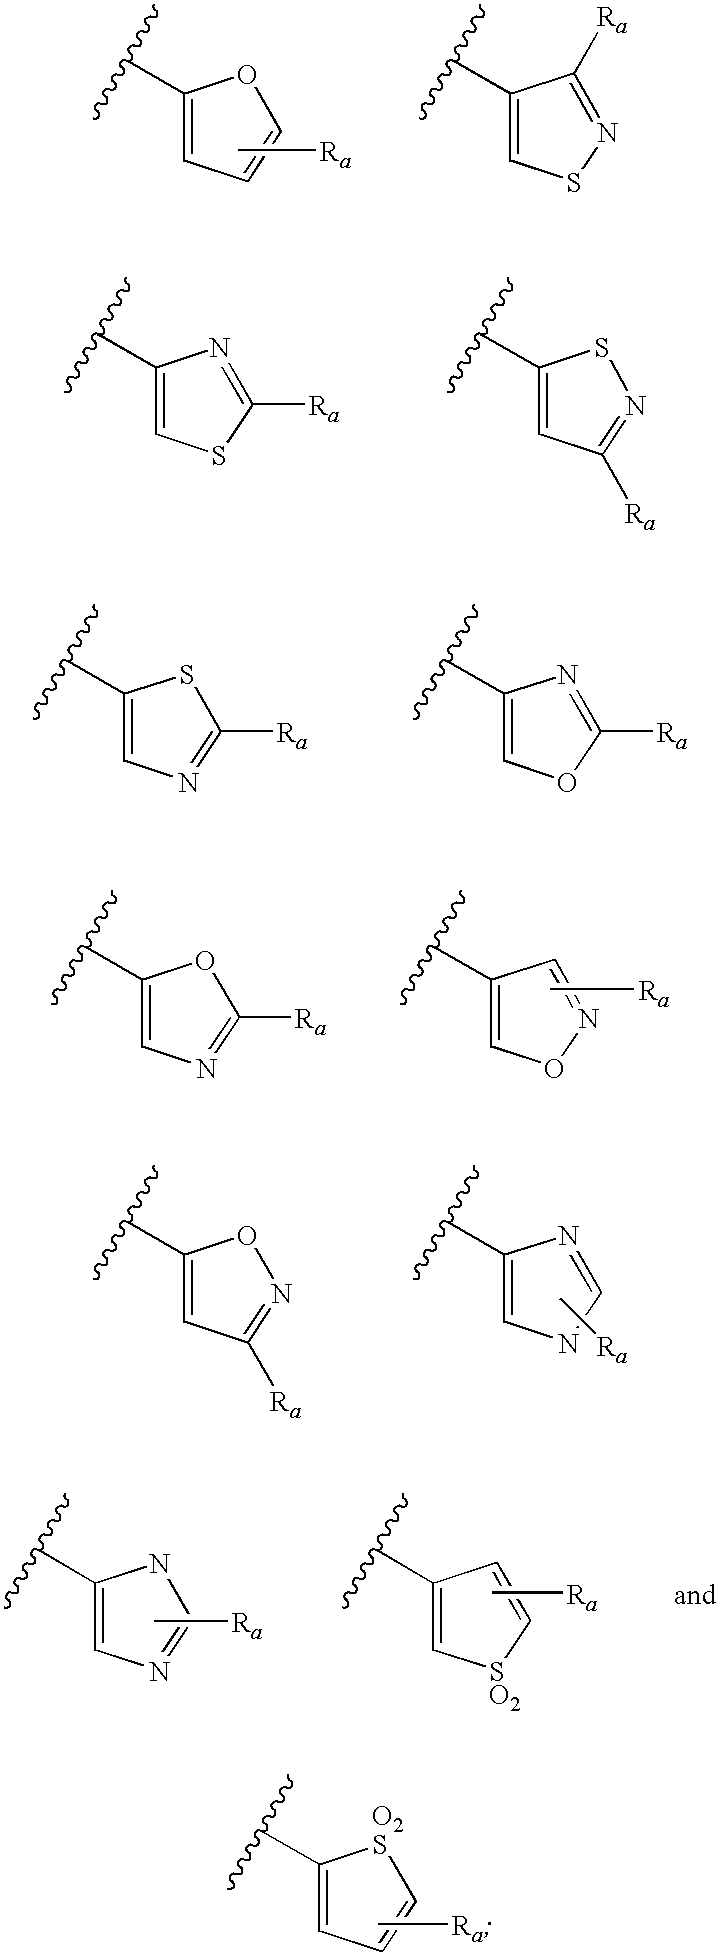 Figure US20090208557A1-20090820-C00012